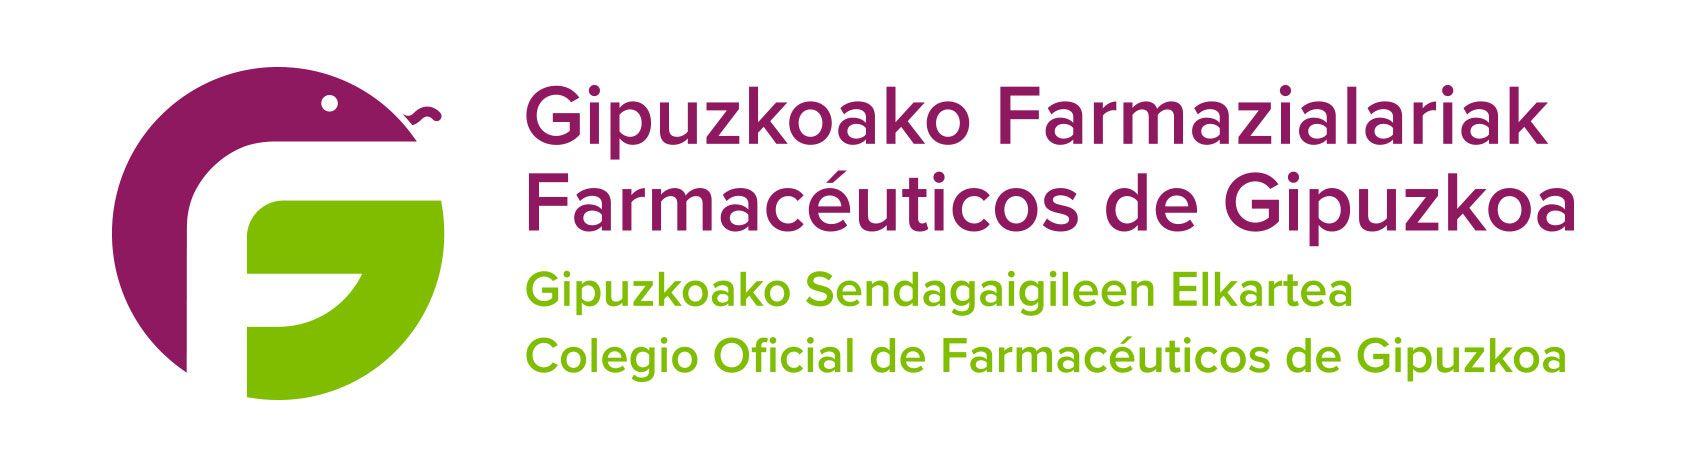 El Colegio de Farmacéuticos de Gipuzkoa renueva su imagen corporativa y apuesta por un Colegio 'conectado'